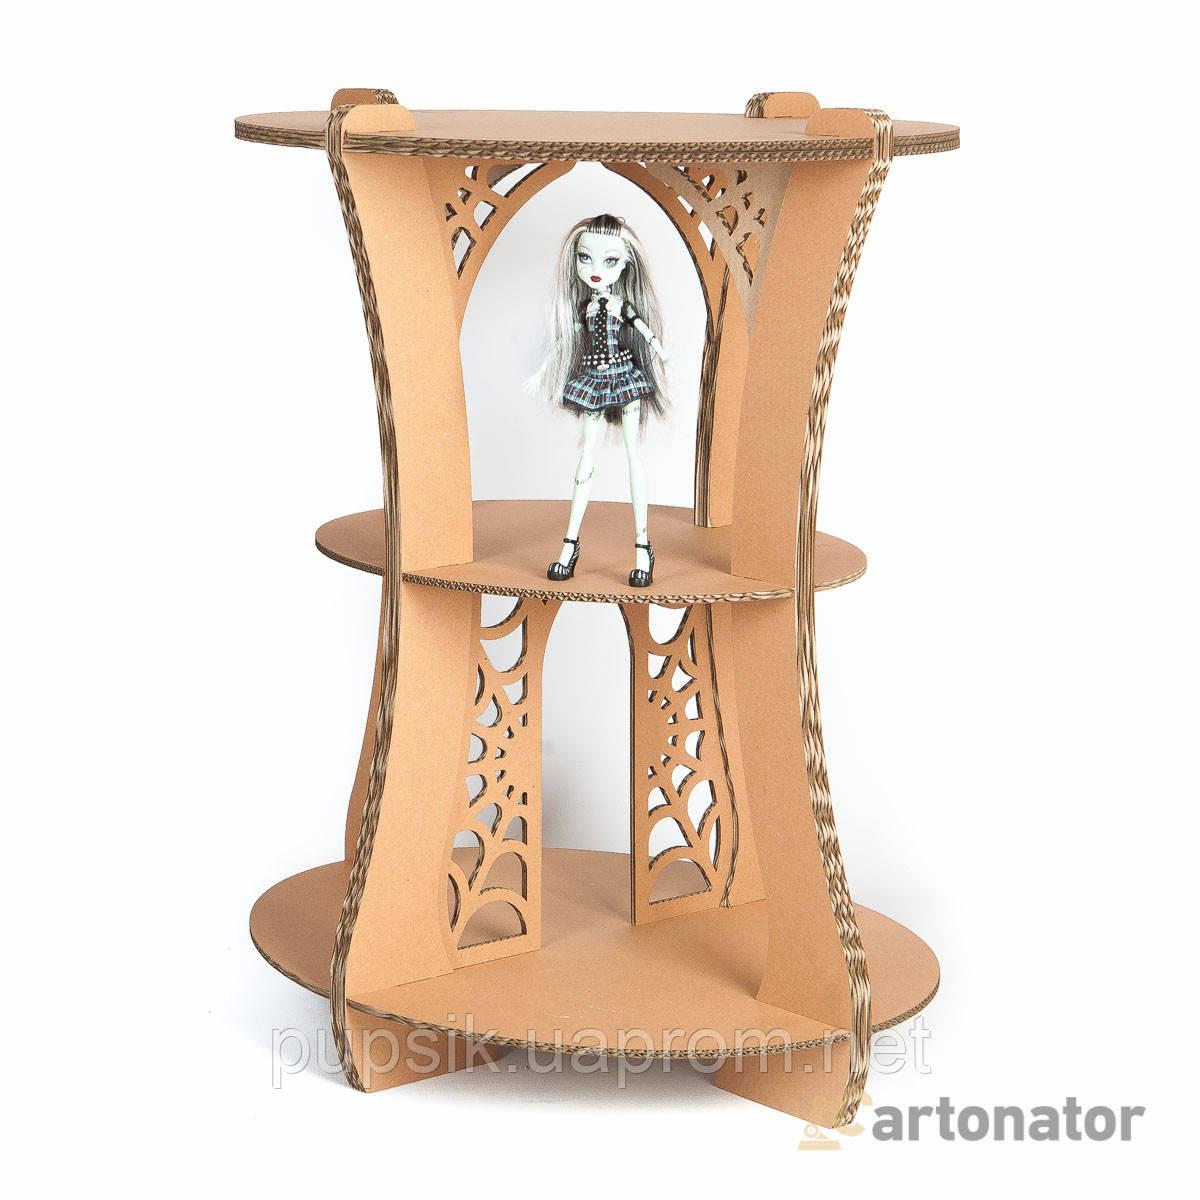 Домик-стол для кукол «Клео» из прочного экокартона, Cartonator